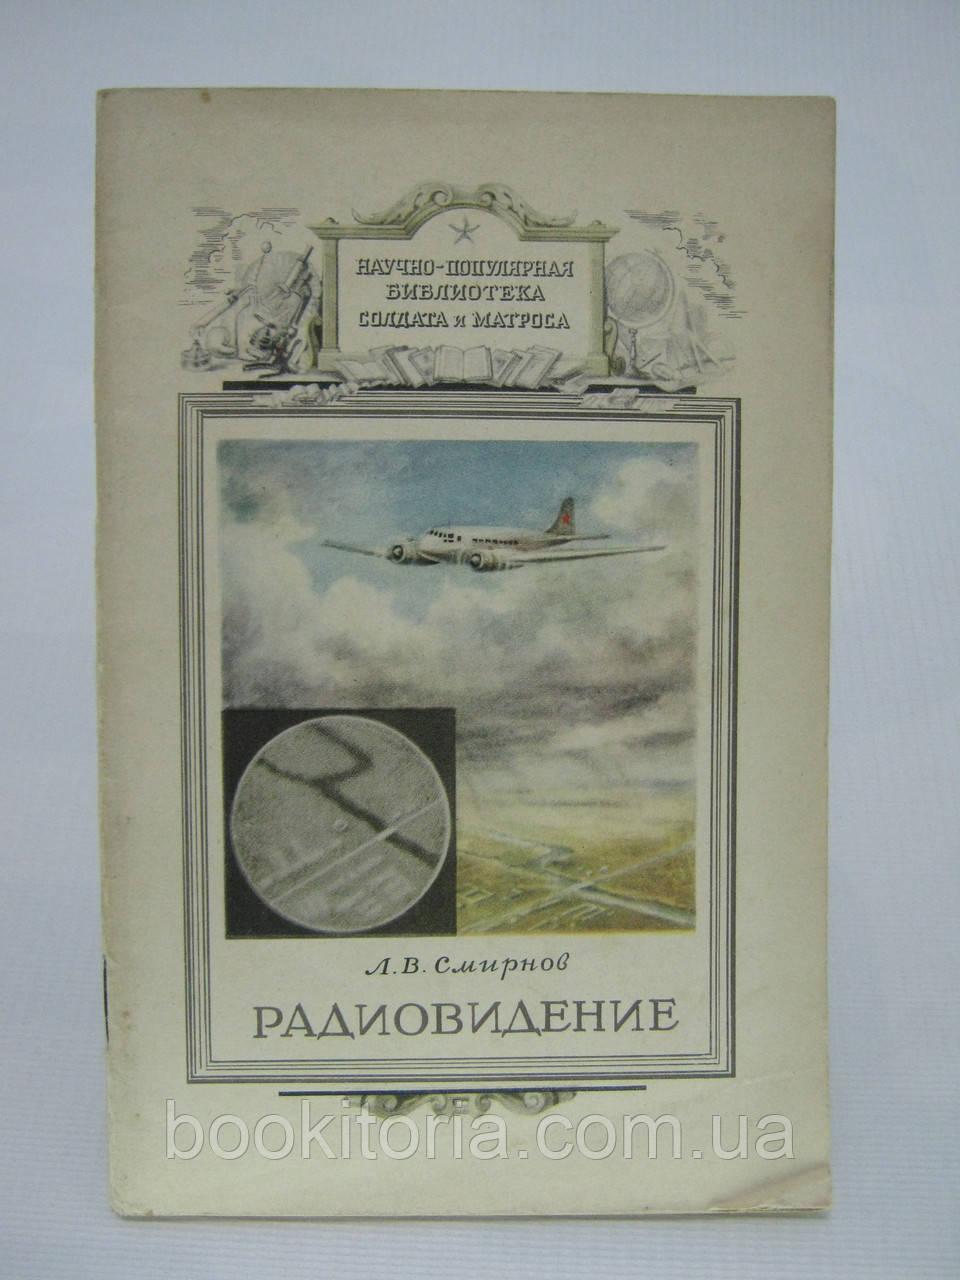 Смирнов Л.В. Радиовидение (самолетный панорамный радиолокатор) (б/у).